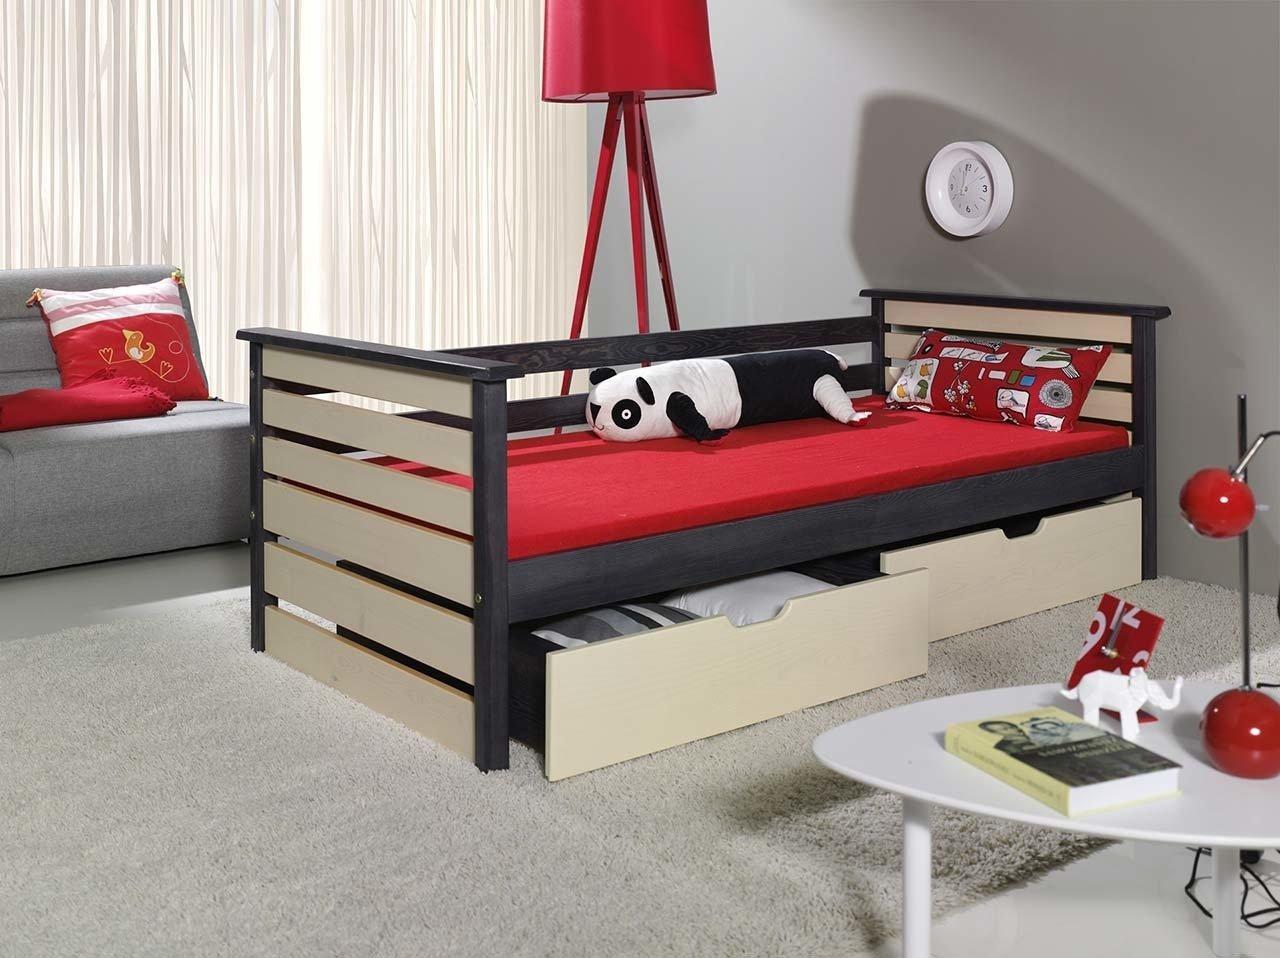 łóżko Kalina Dla Dziecka Z Szufladami Bed Sklep Meblowy Meble Bik